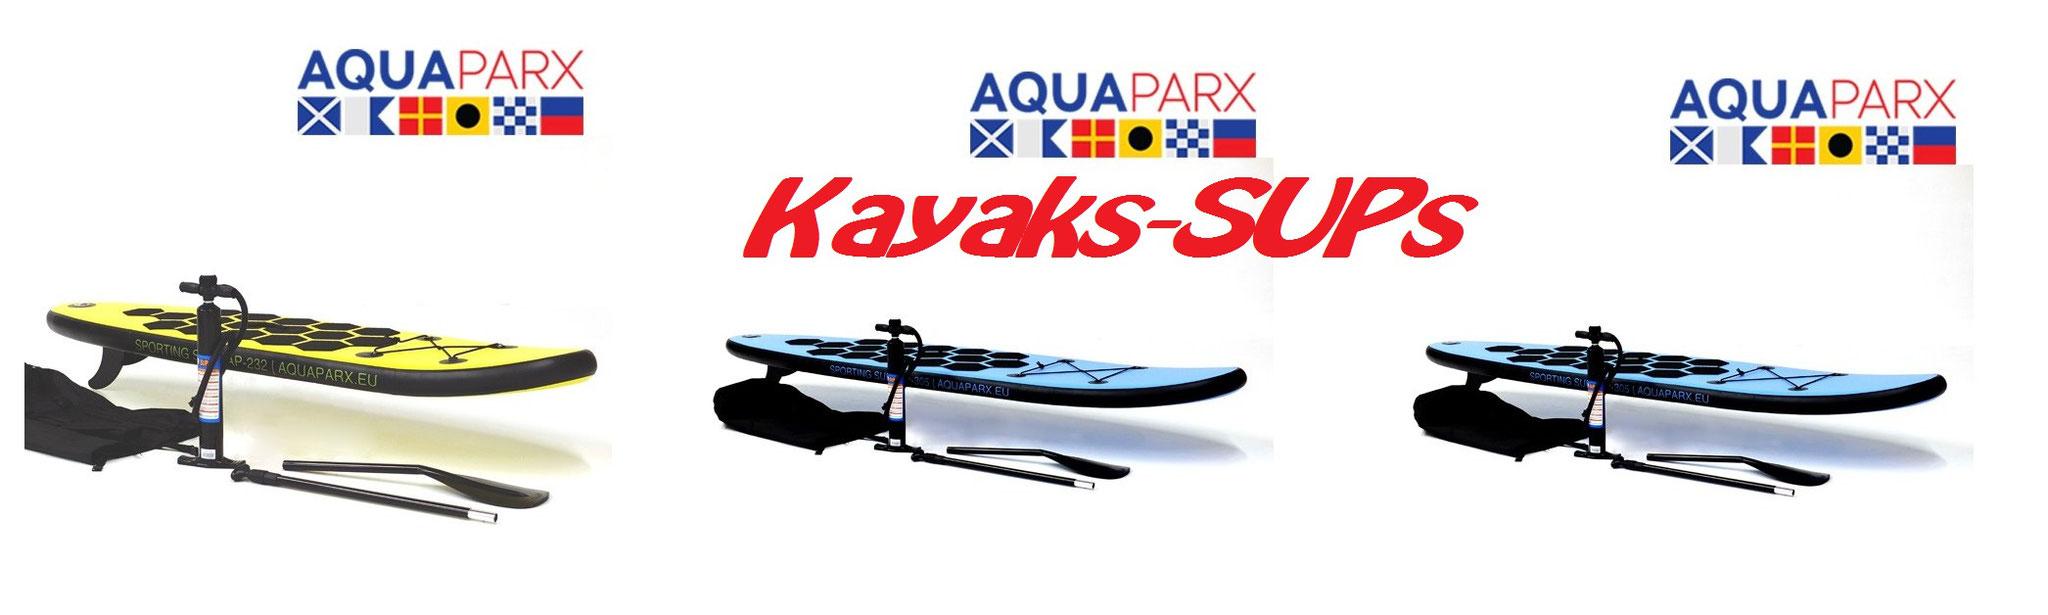 Sups Aquaparx